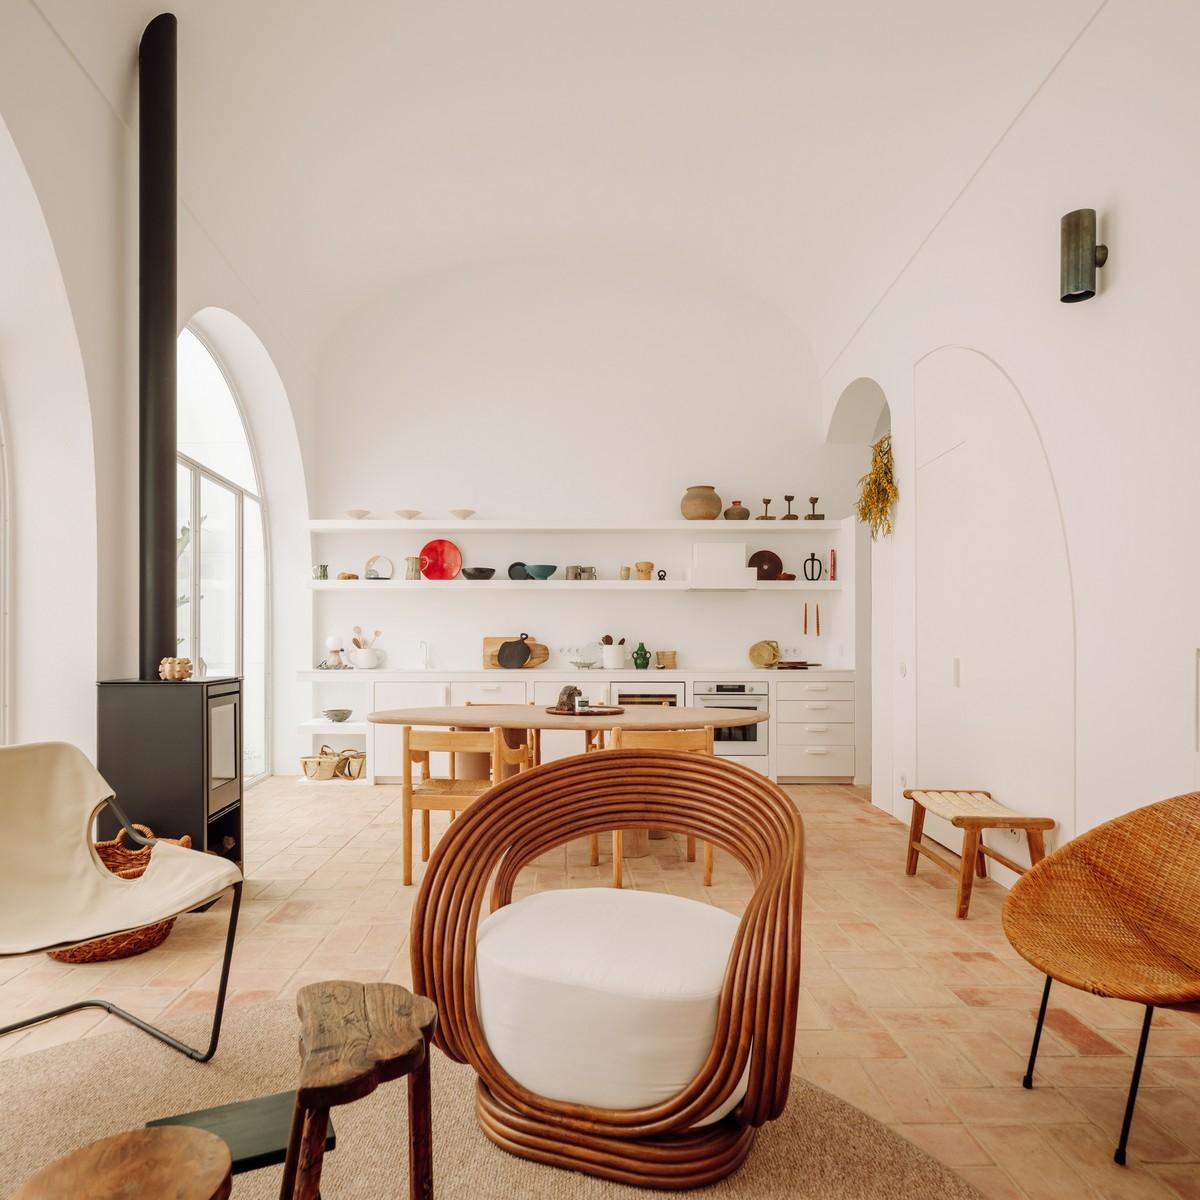 Реконструкция старого склада в современный дом в Португалии